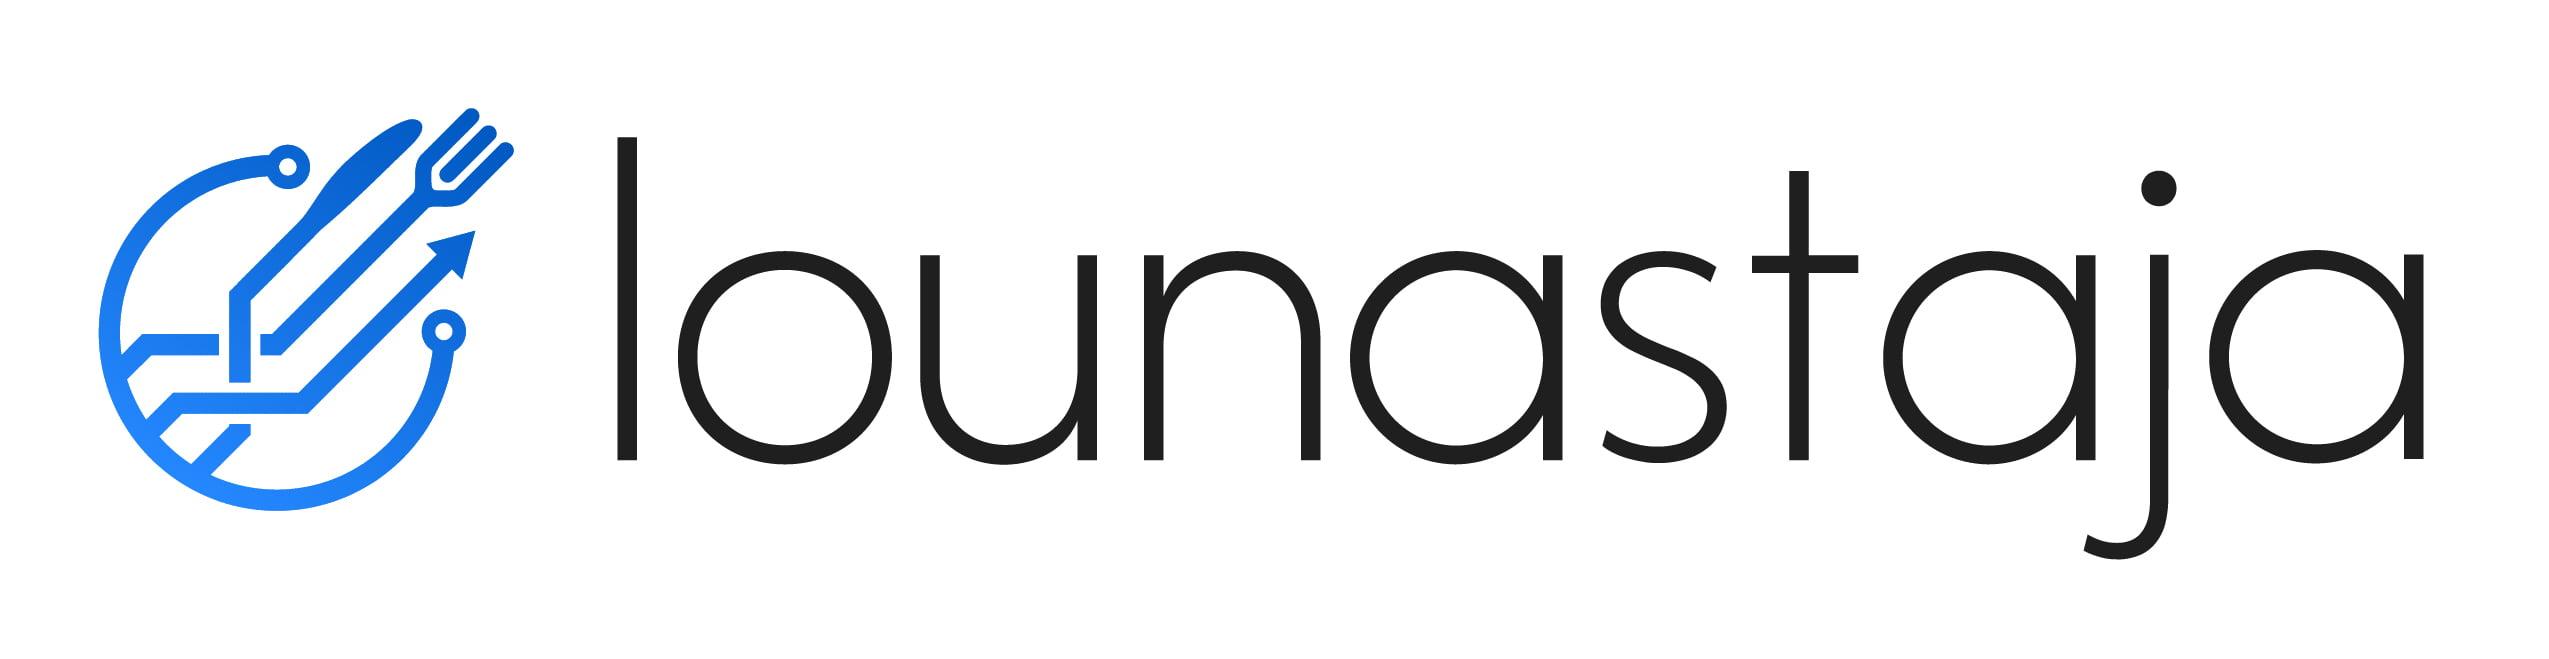 Lounastaja logo - sininen